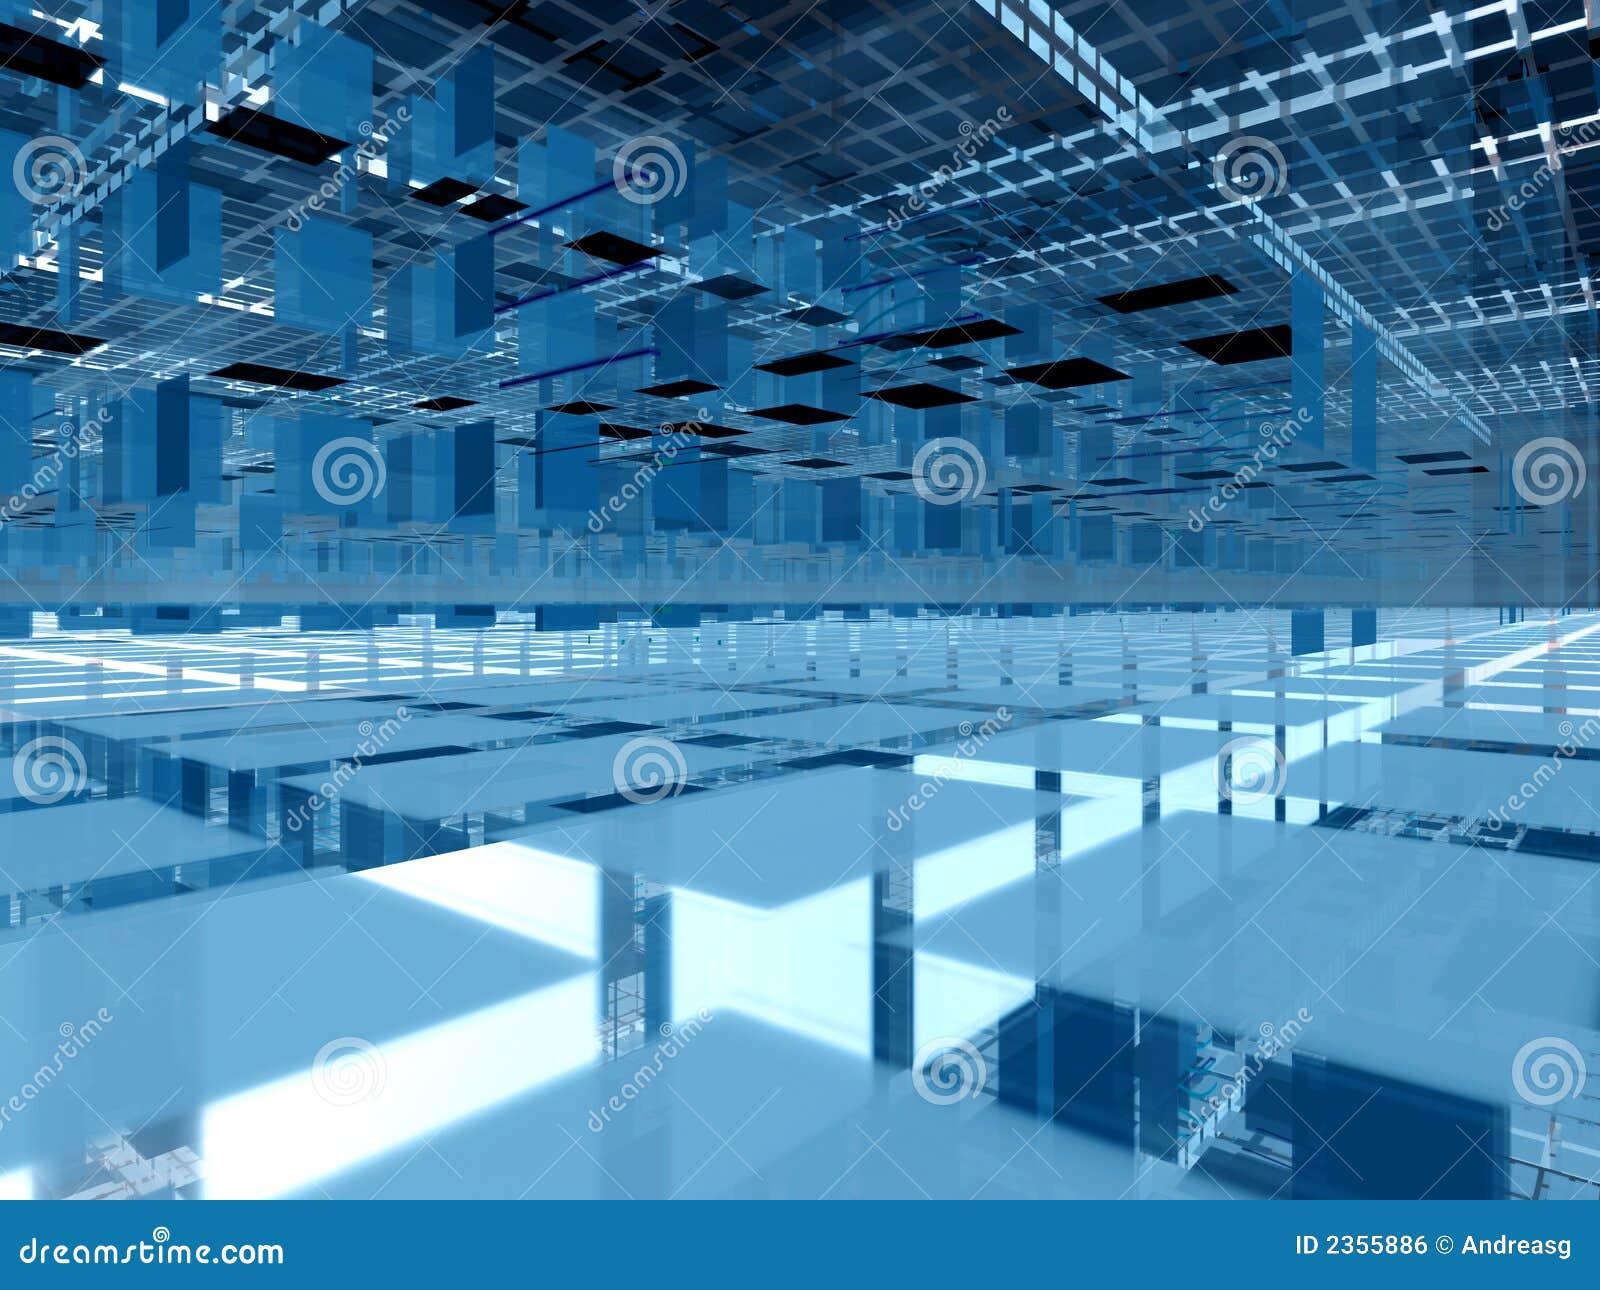 Blue 3d clusters architecture